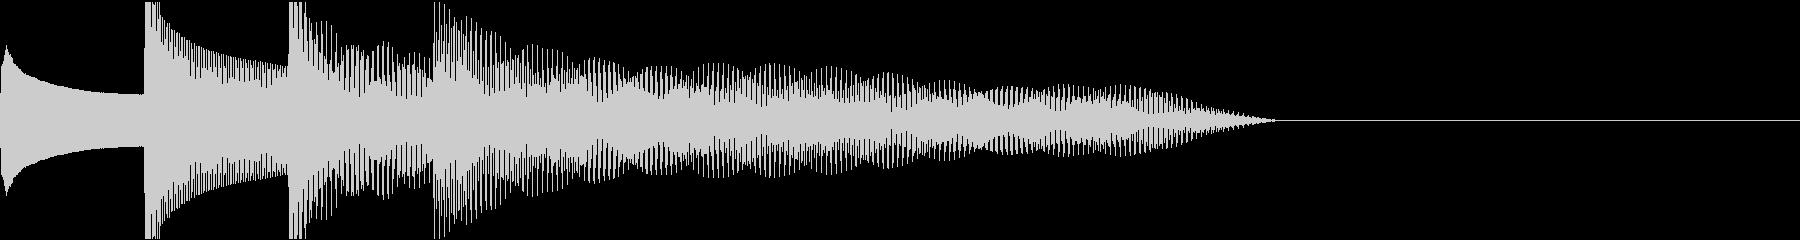 ピンポンパンポン下降チャイムA♯1の未再生の波形